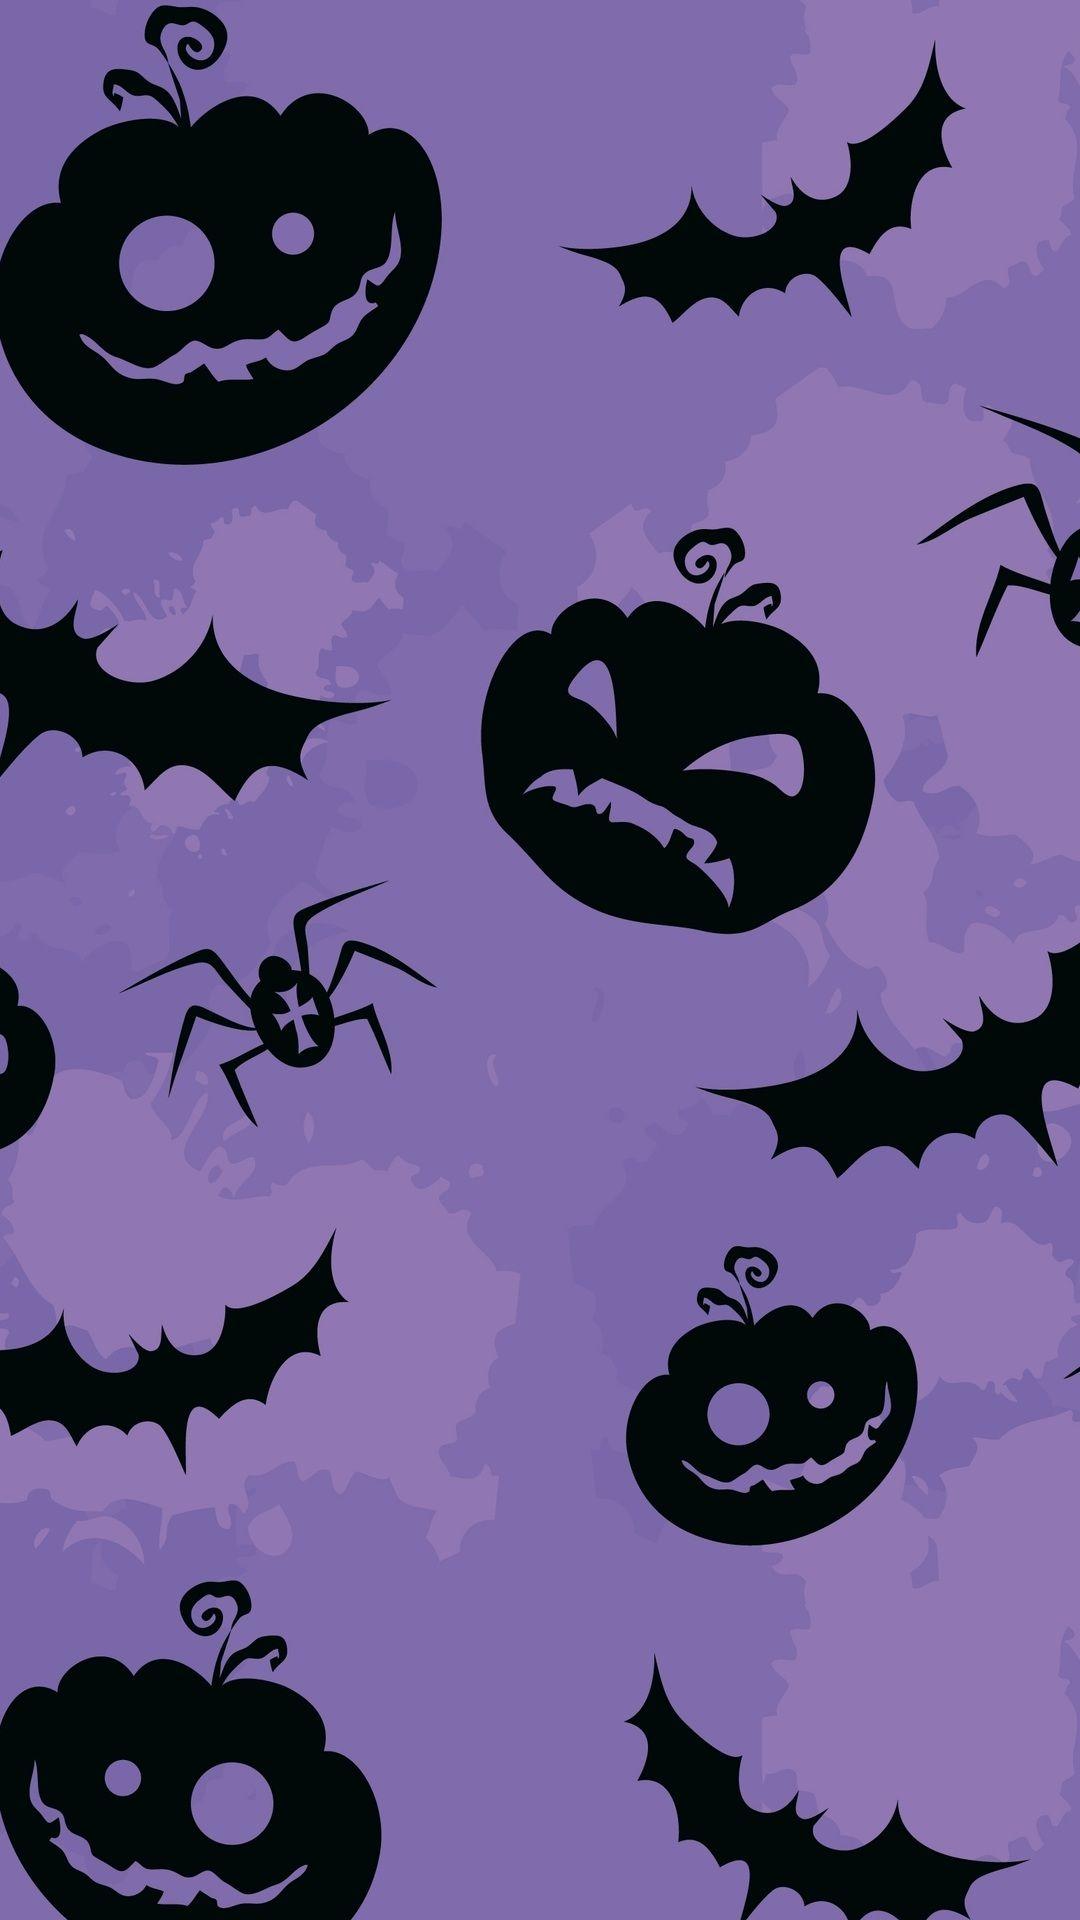 Fondo Halloween Por Alesiita En Dia De Muertos Pesadilla Antes De Navidad Halloween